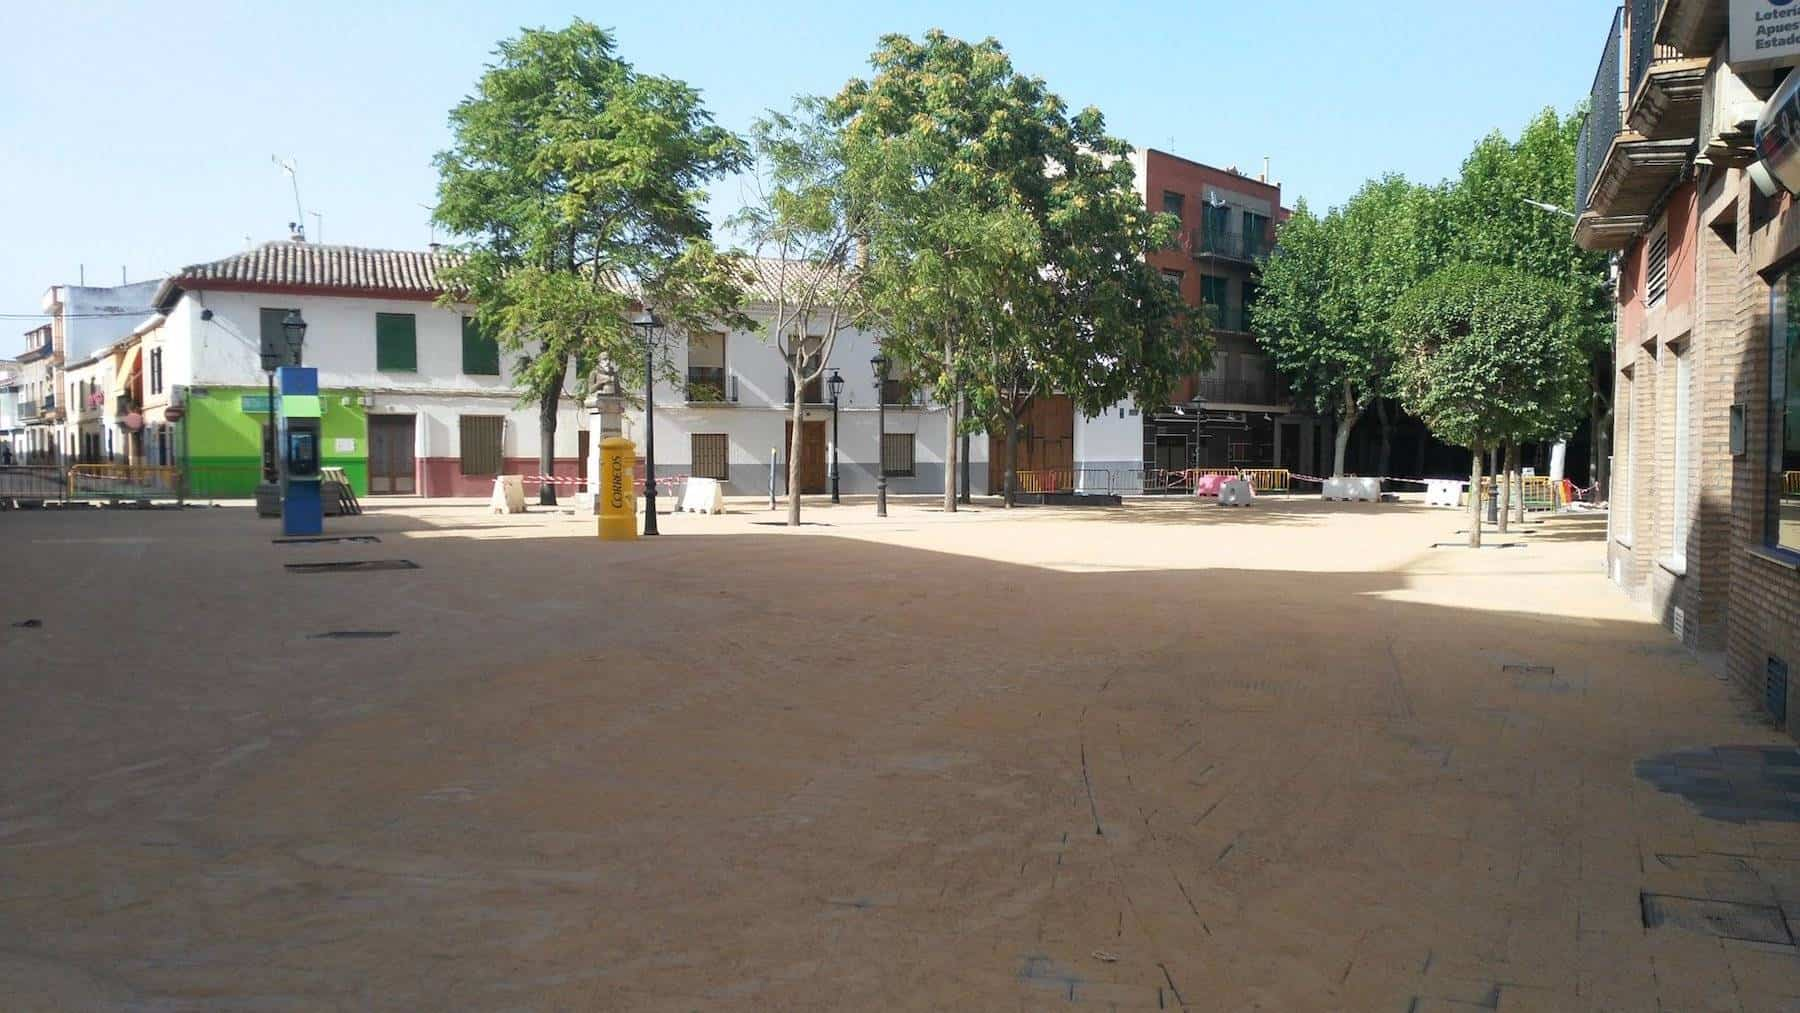 nueva plaza cervantes de herencia - La Plaza Cervantes de Herencia va tomando su nueva forma